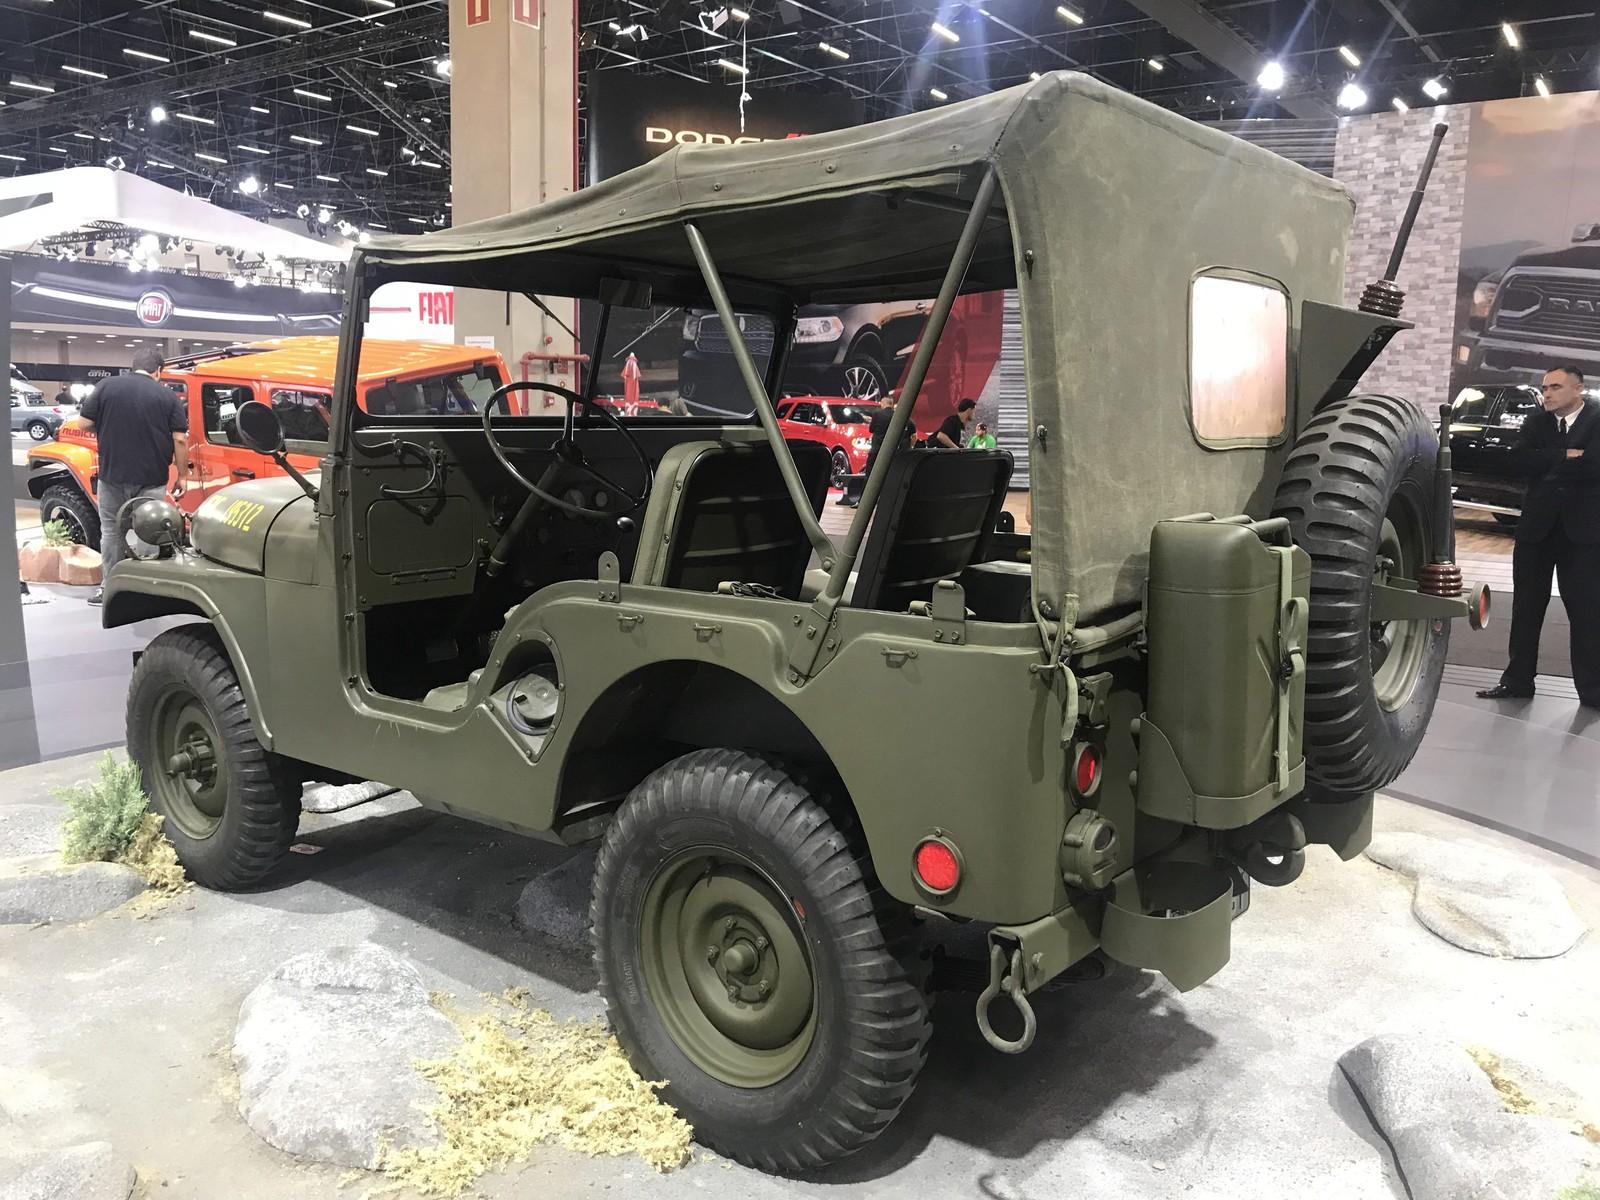 De Jeep da guerra até primeiro Porsche, marcas revivem clássicos no Salão do Automóvel Img-3851